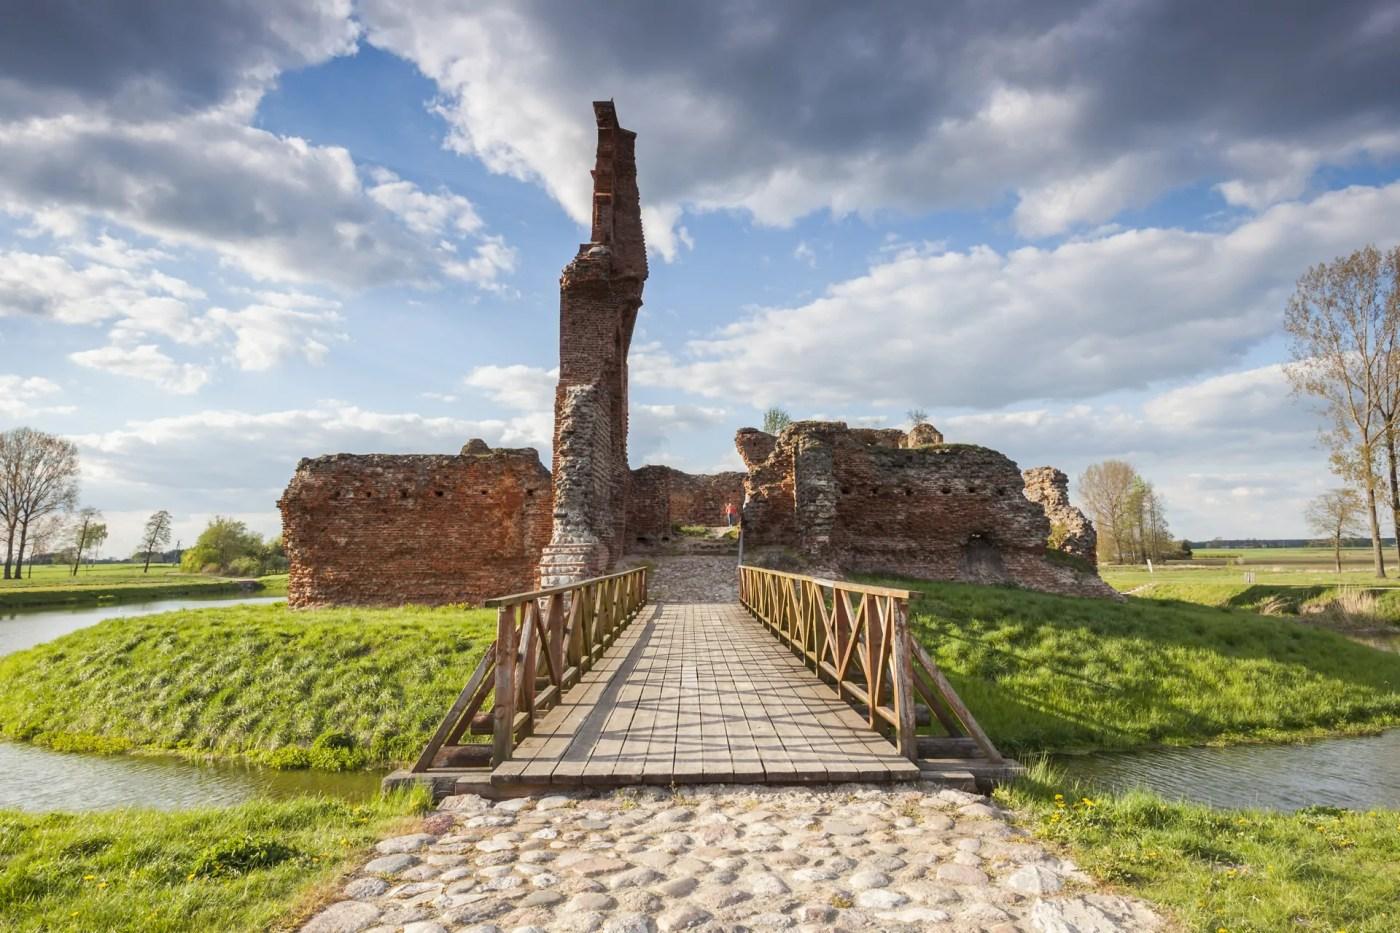 Zamek w Besiekierach – ruiny zbiałą damą na godziny